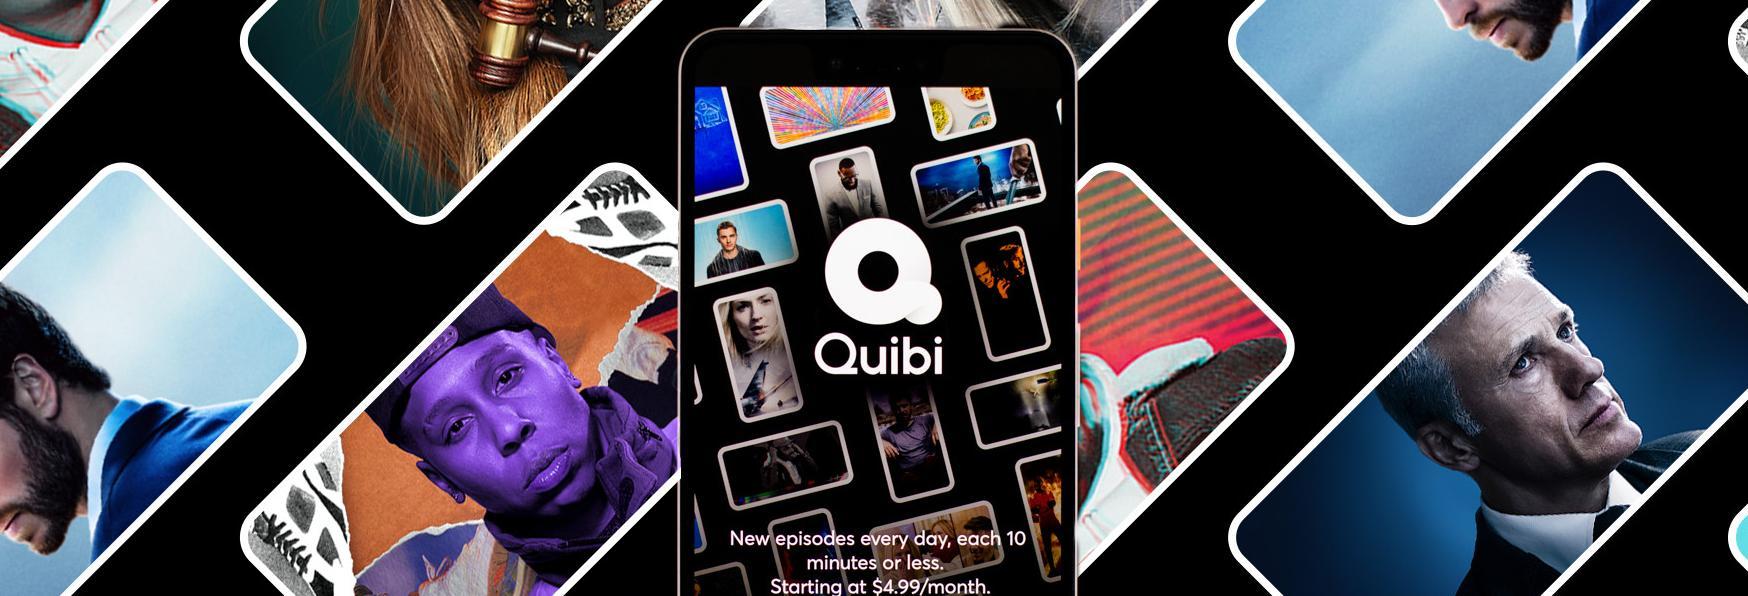 Quibi: la Piattaforma di Streaming sarà presto Disponibile sulla TV